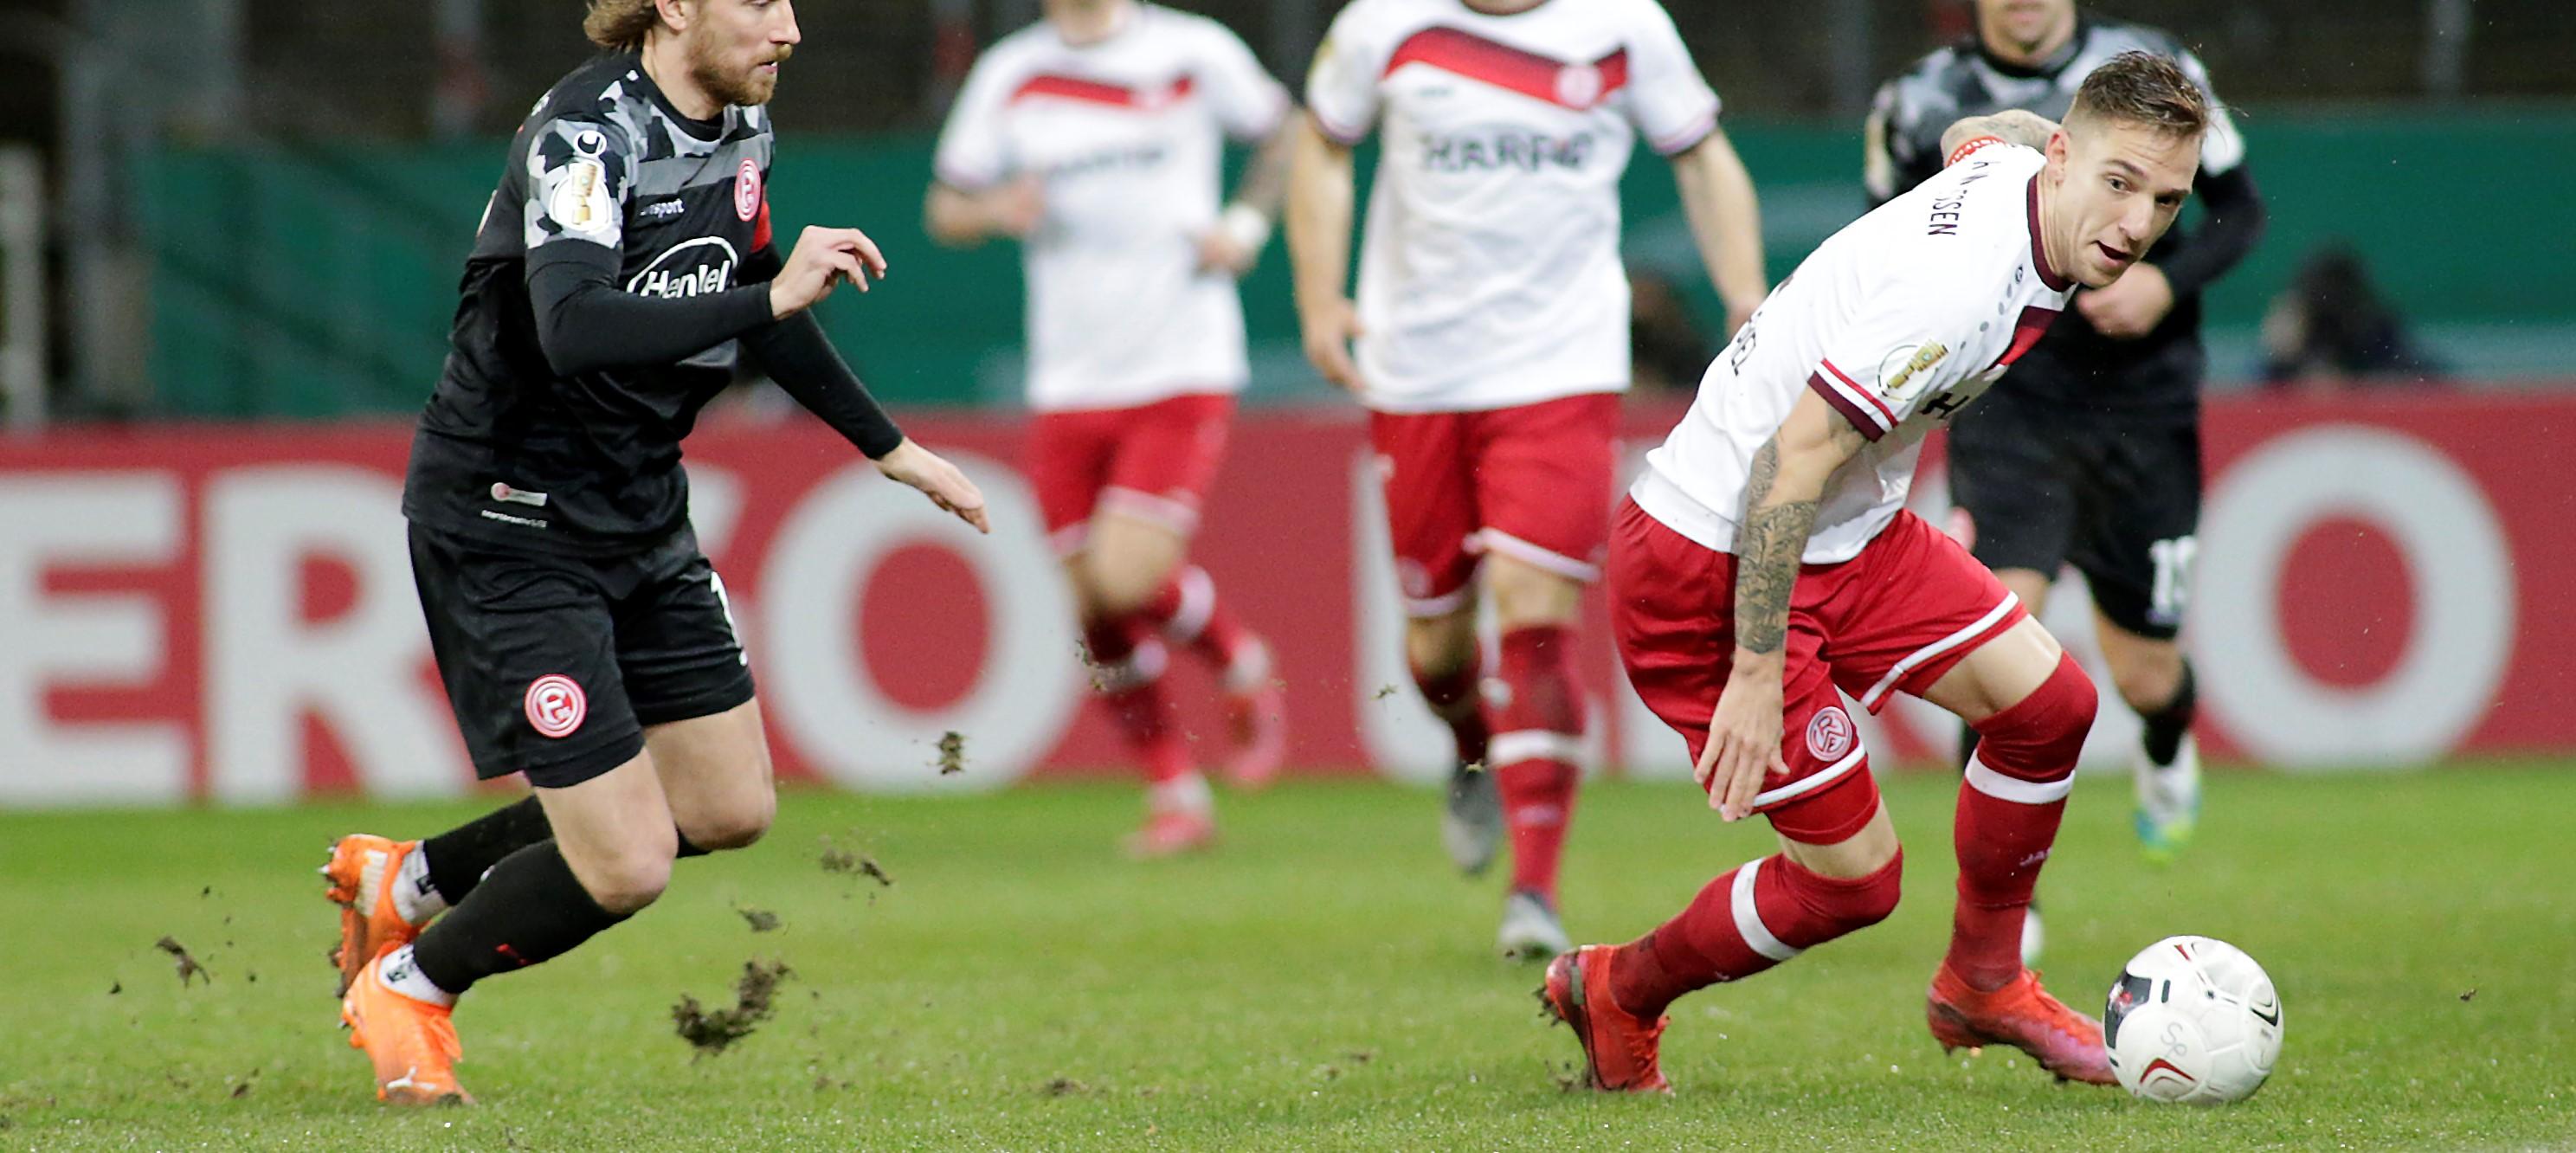 Kompakt zum Sieg: Umkämpfter Fußballabend zwischen RWE und Düsseldorf. (Foto: Endberg)